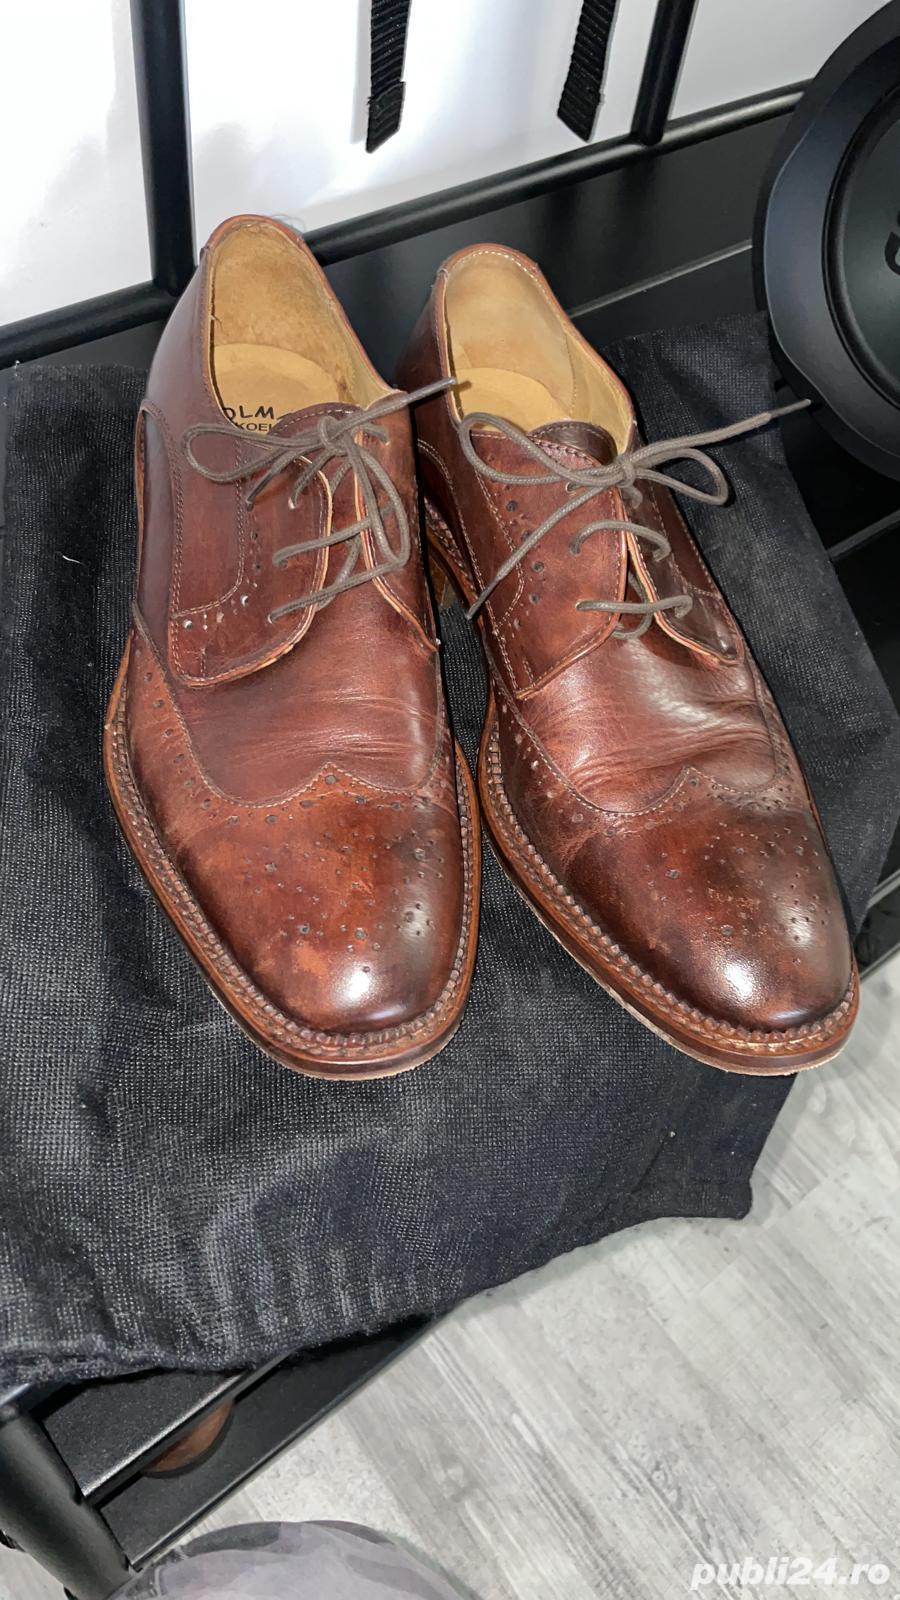 Pantofi bărbați NOLMAN KOEL, Italy